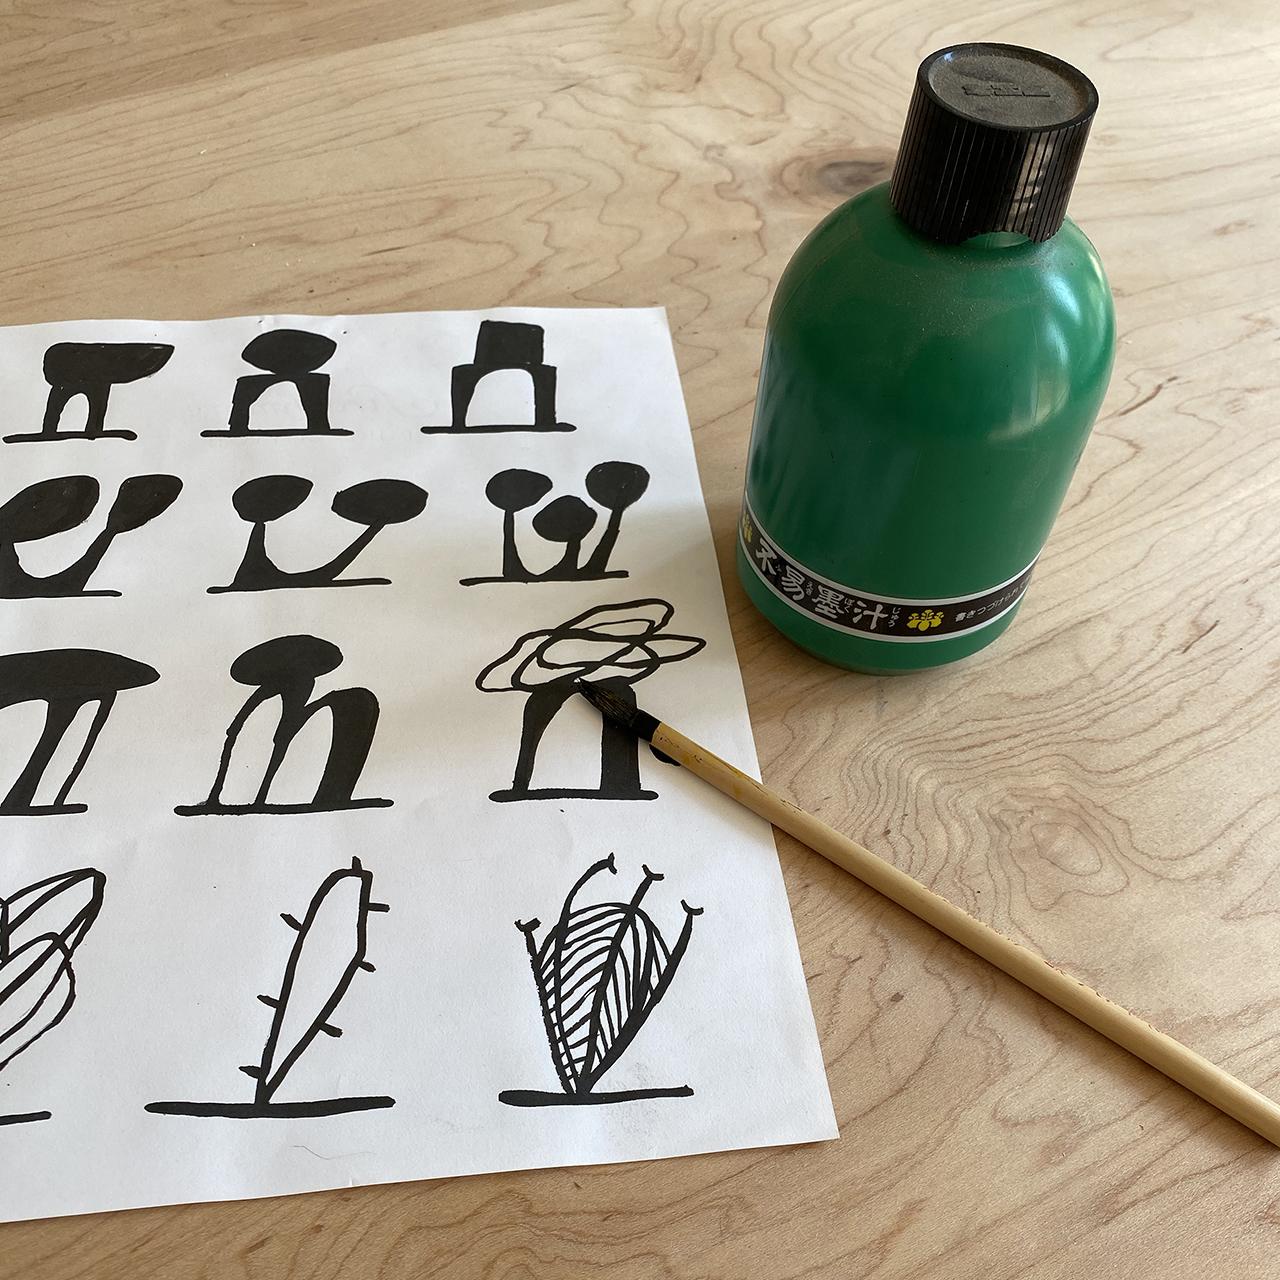 Sumi ink